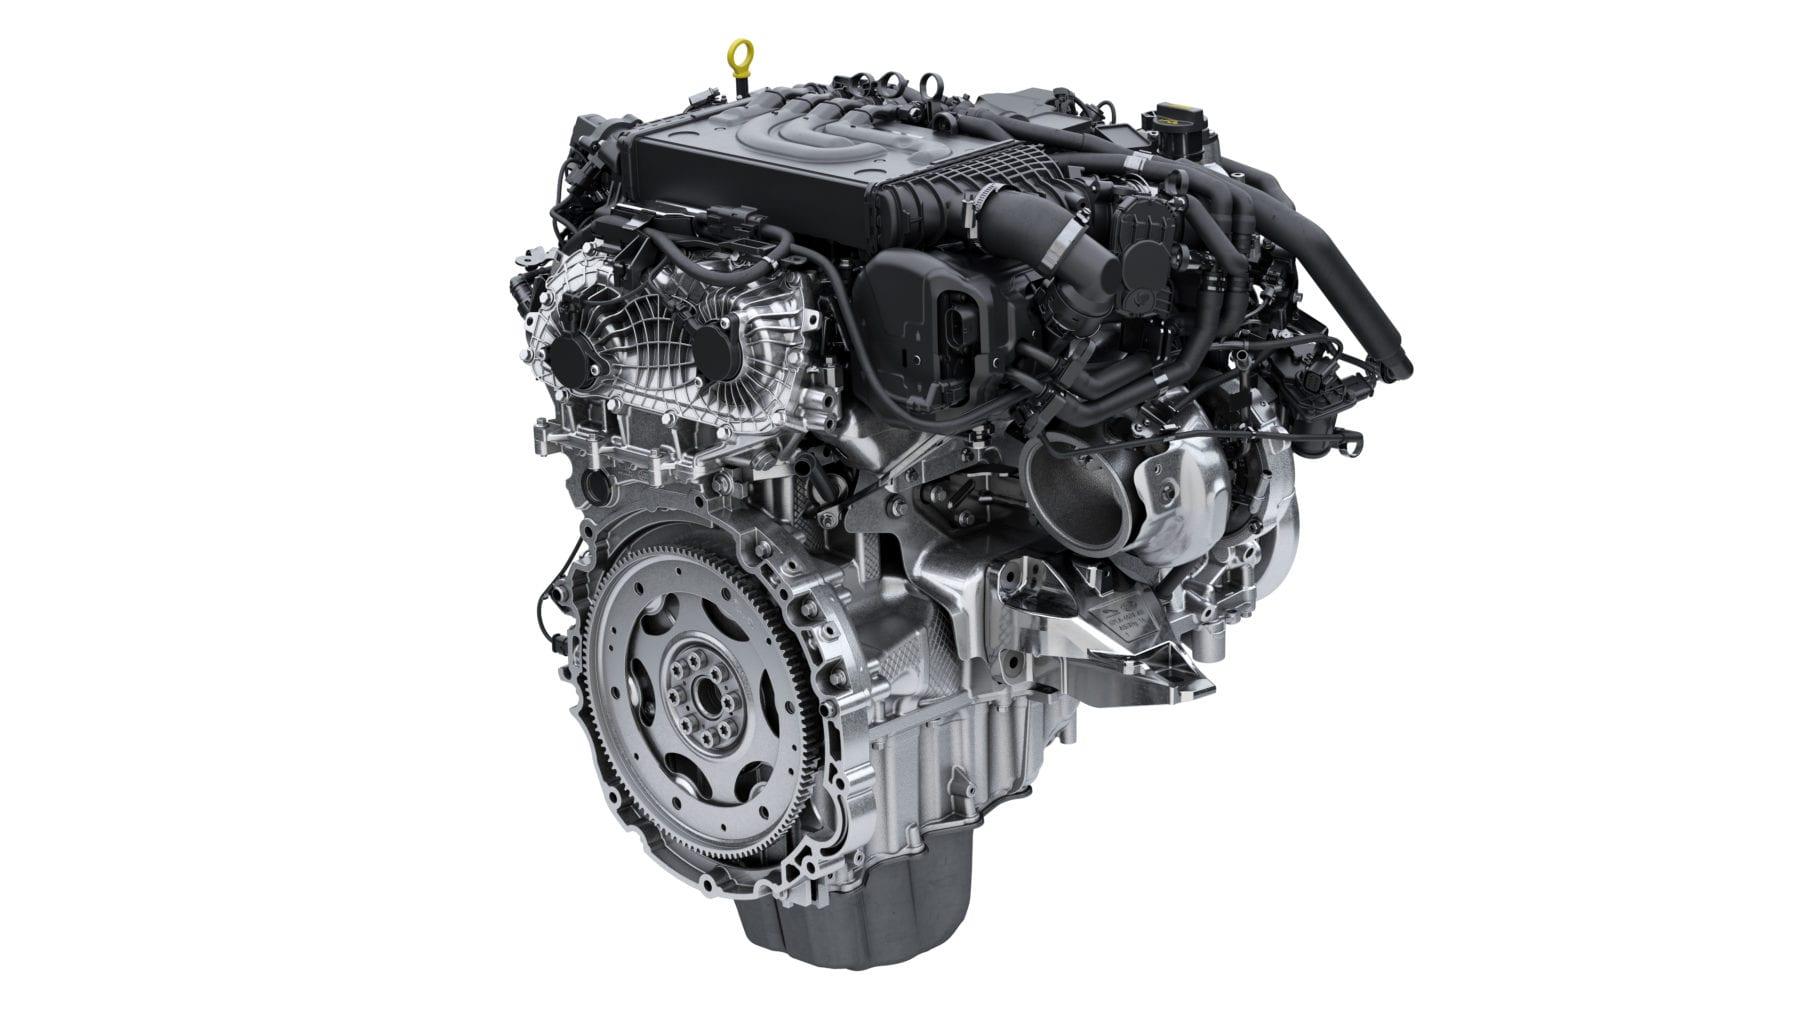 Range Rover Sport HST engine